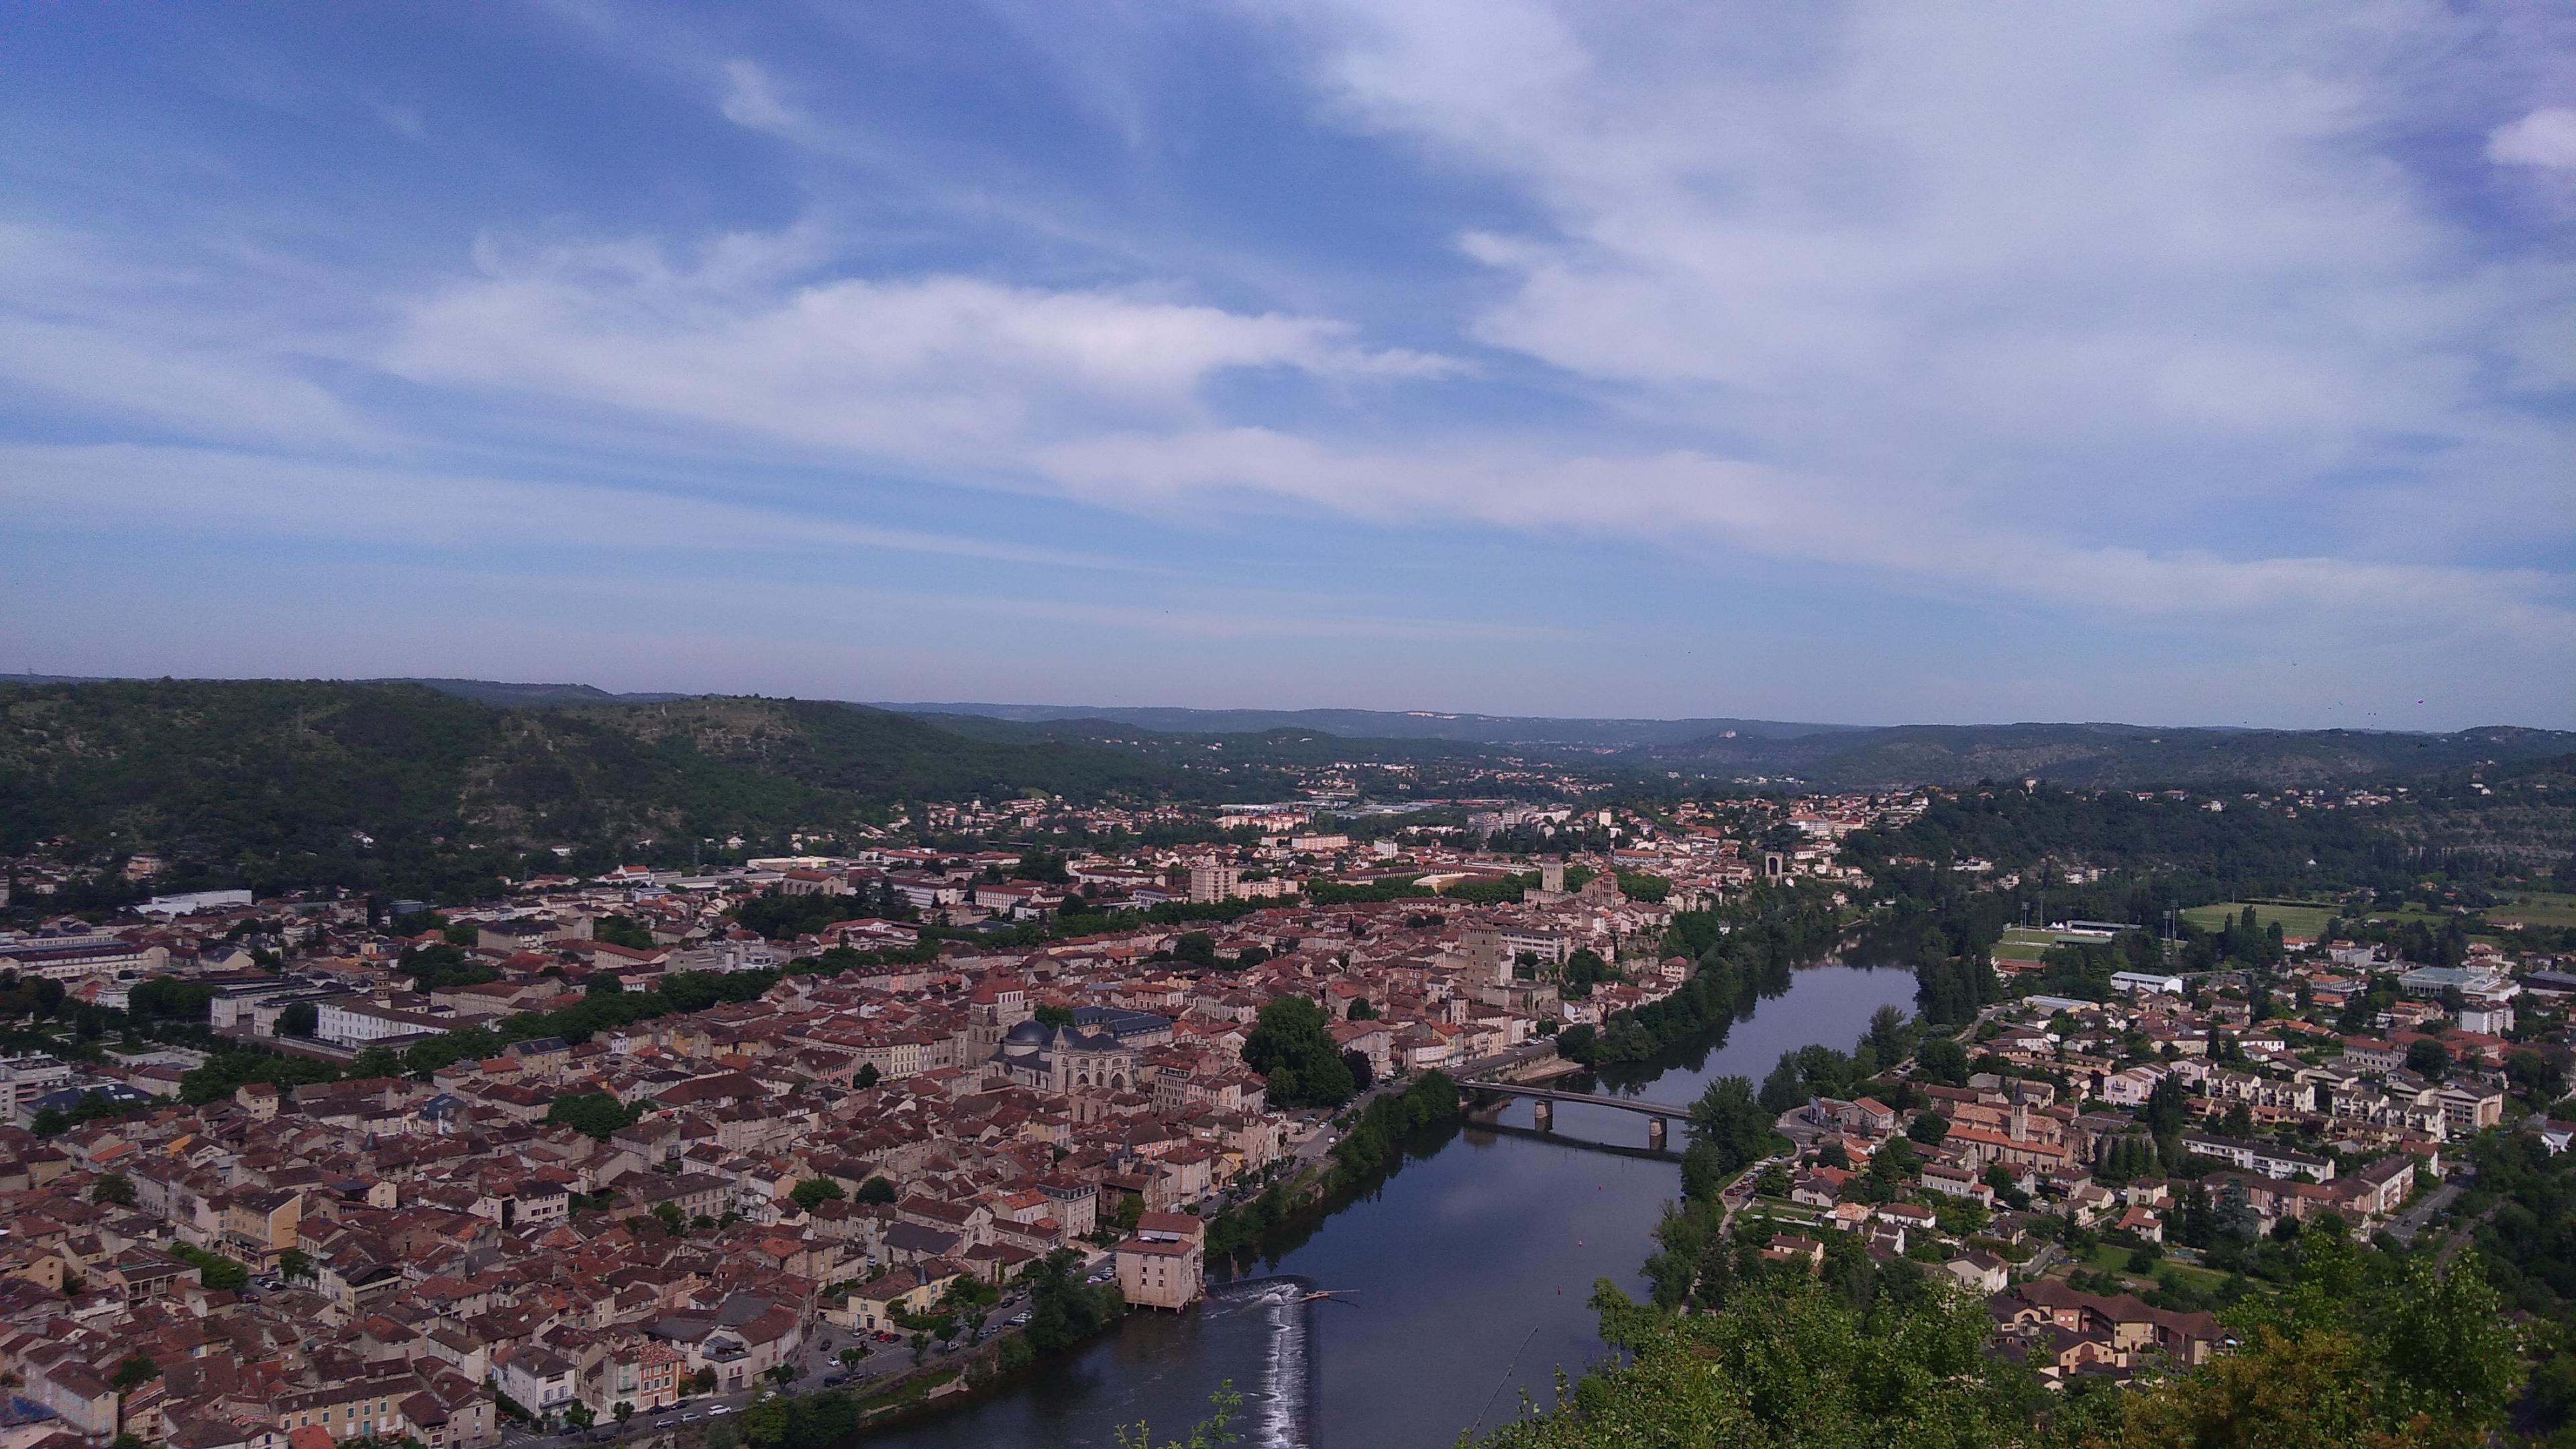 Joli point de vue sur Cahors!